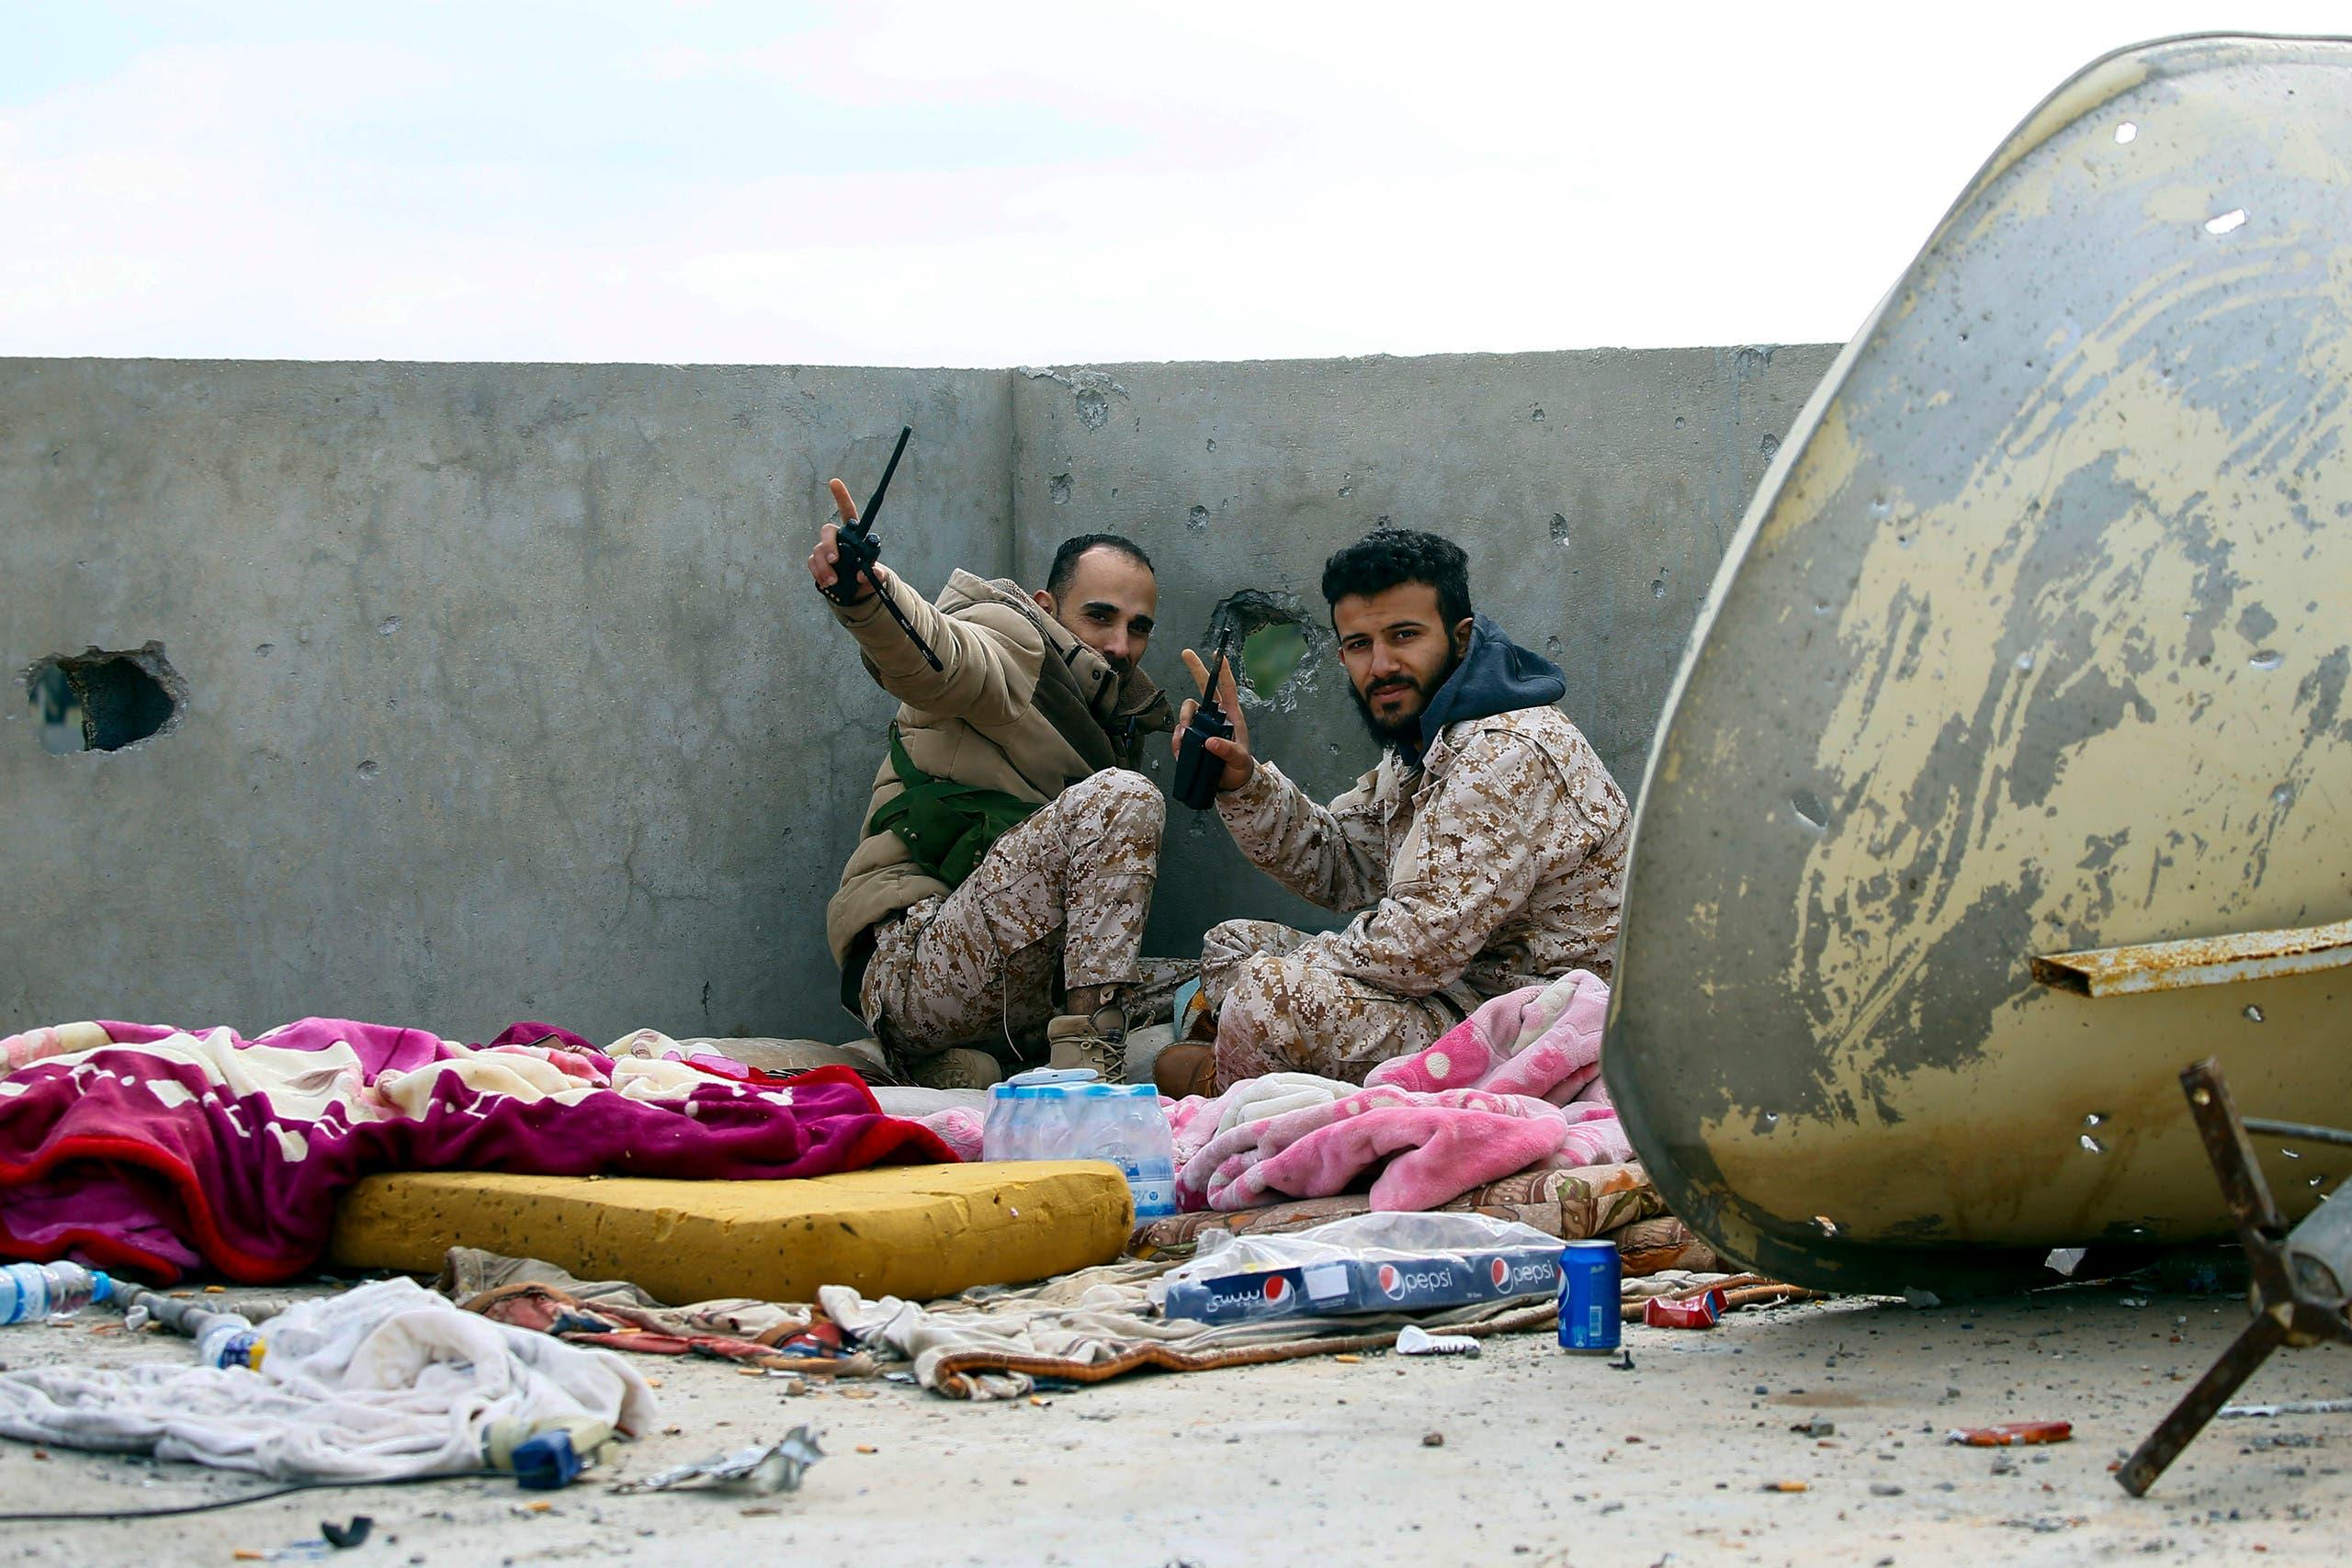 مقاتلون تابعون لفصائل الوفاق في العاصمة الليبية طرابلس (فرانس برس)